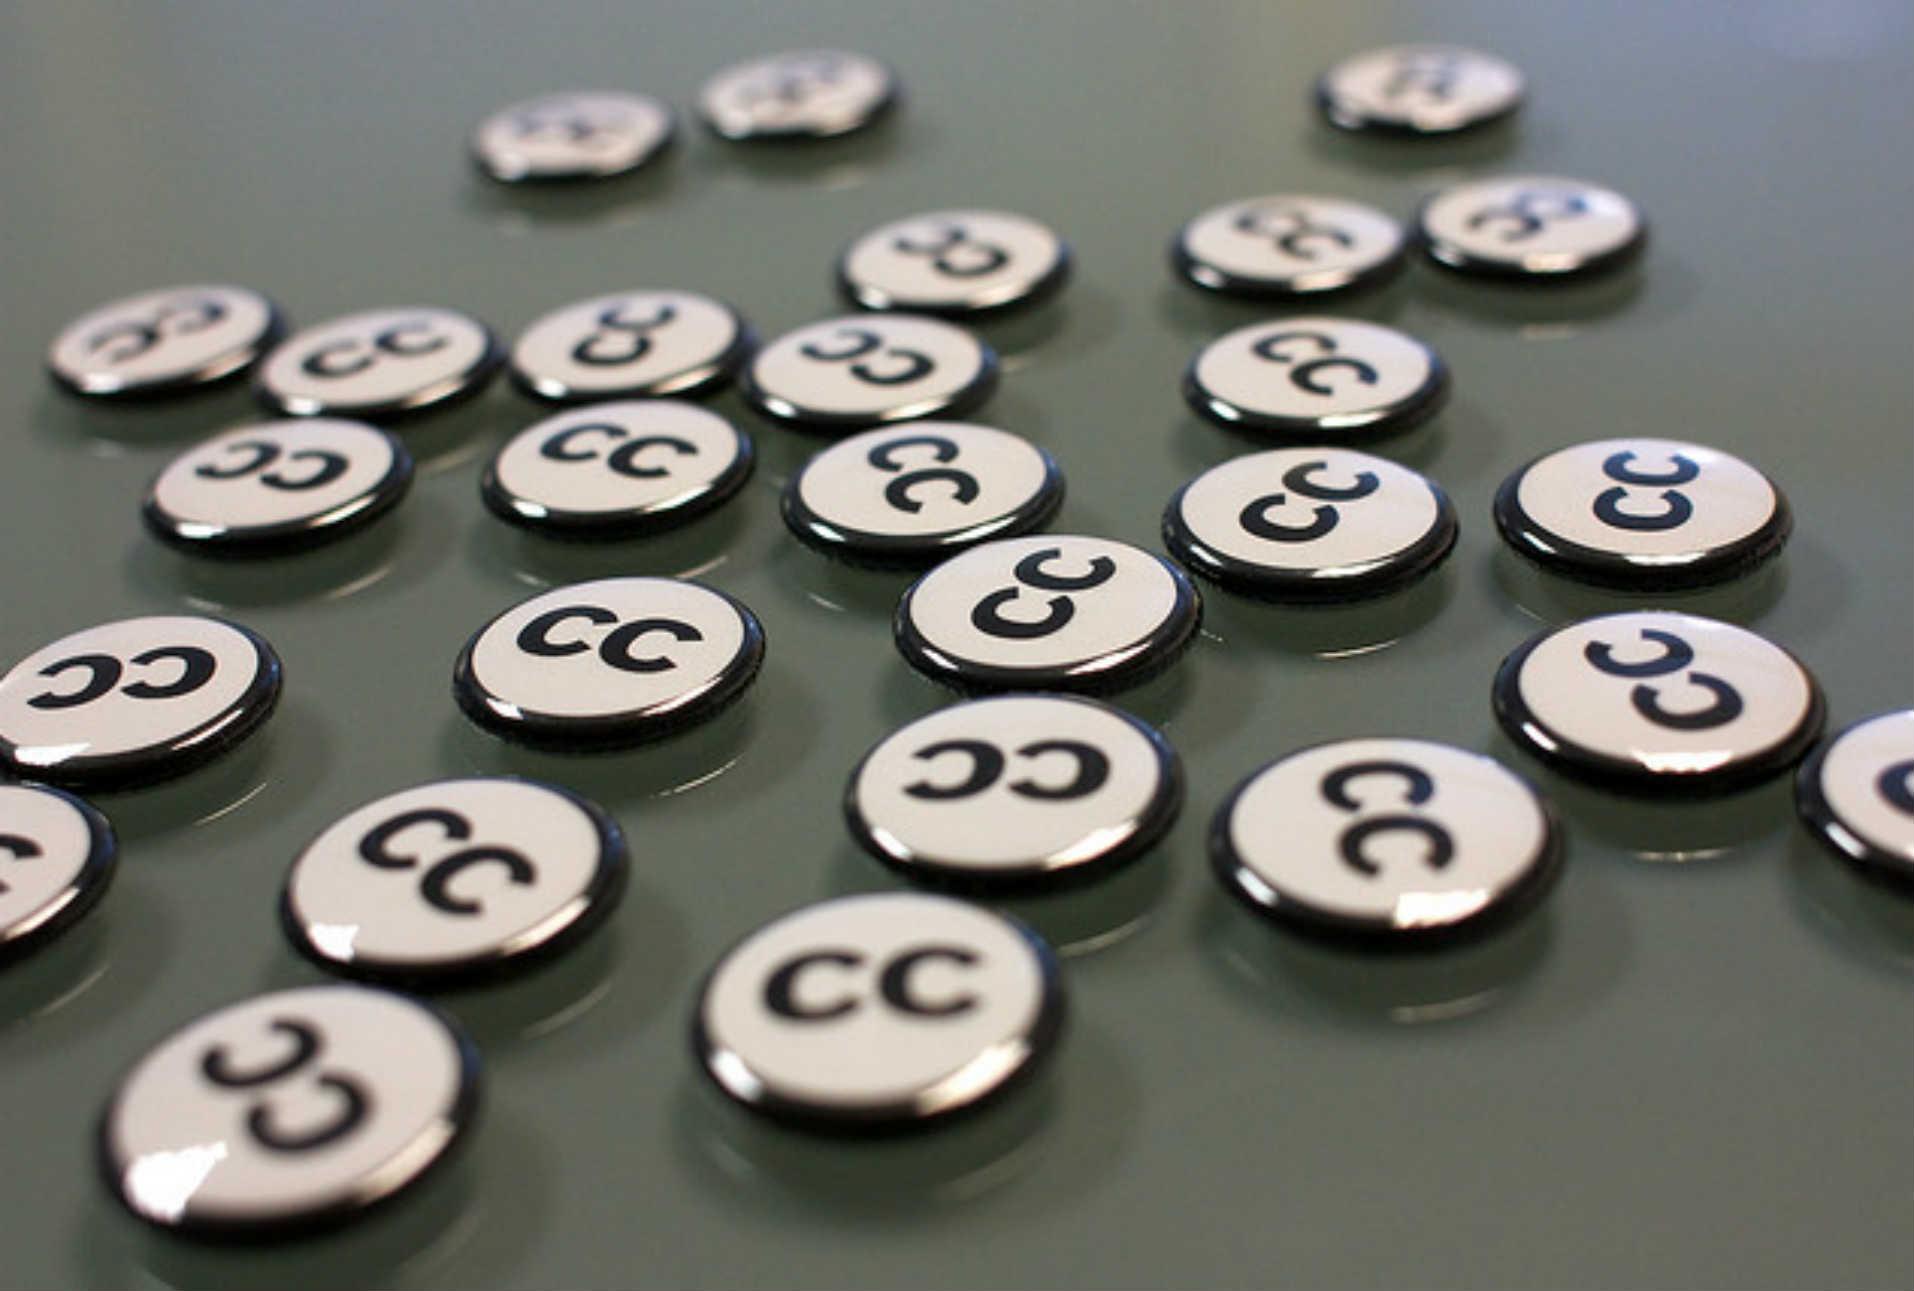 Creative Commons lanza nueva plataforma para encontrar imágenes libres